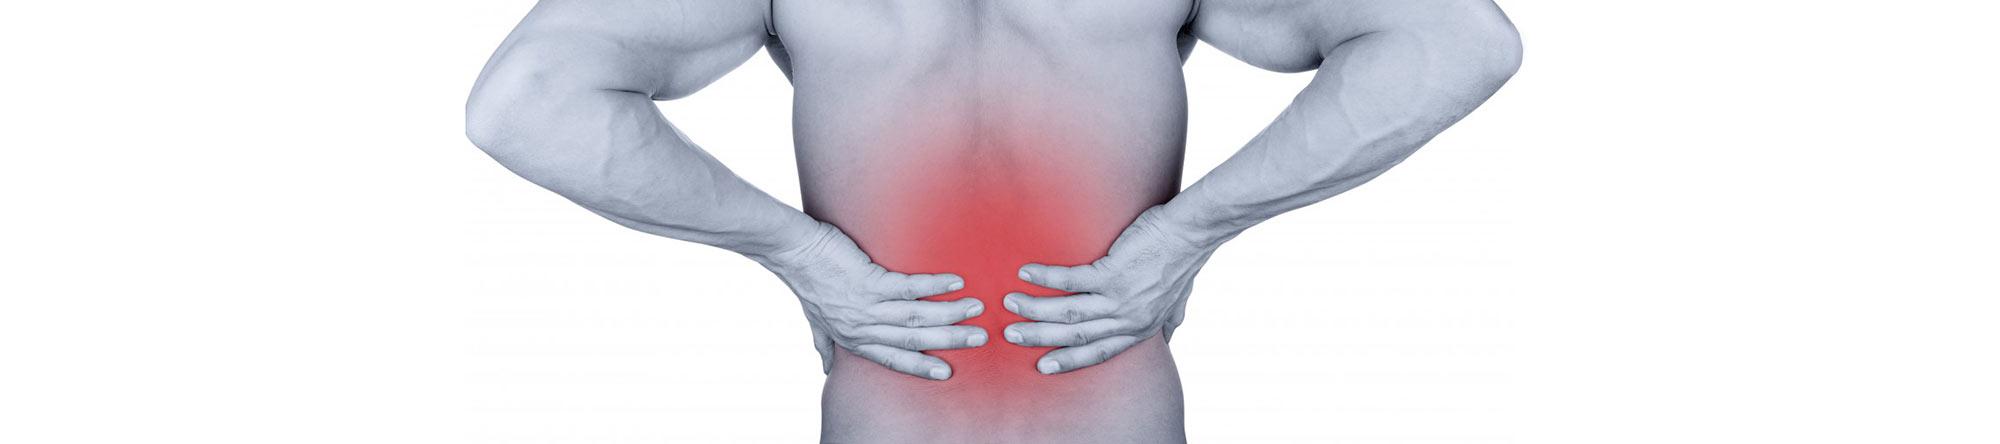 Bóle i schorzenia kręgosłupa